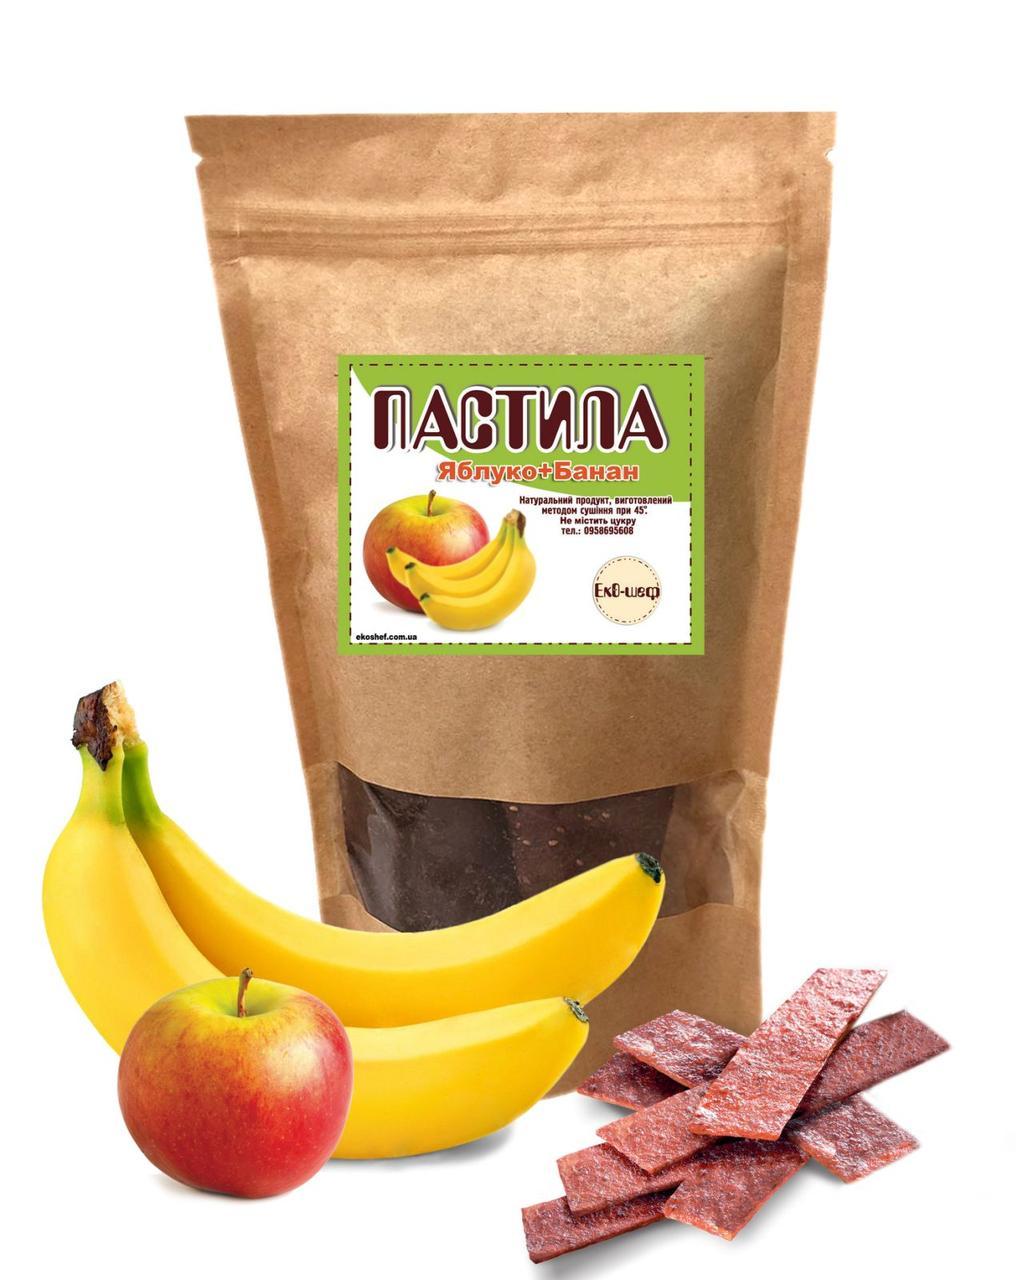 Фруктова пастила з яблук та бананів